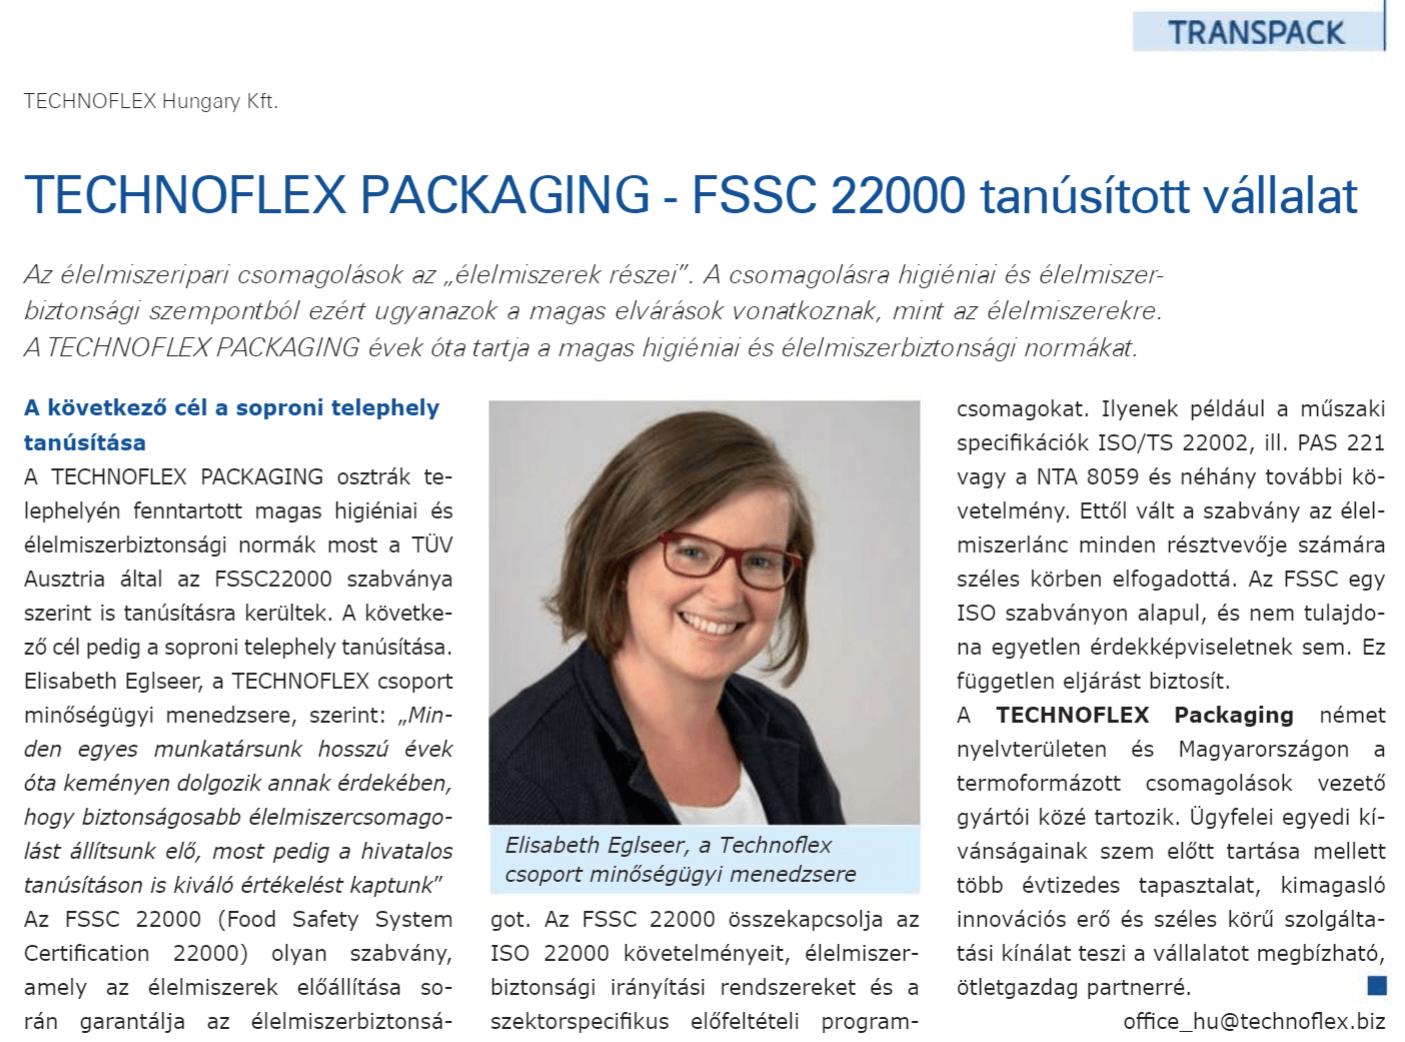 Technoflex FSSC élelmiszeripari tanúsítvány Transpack cikk